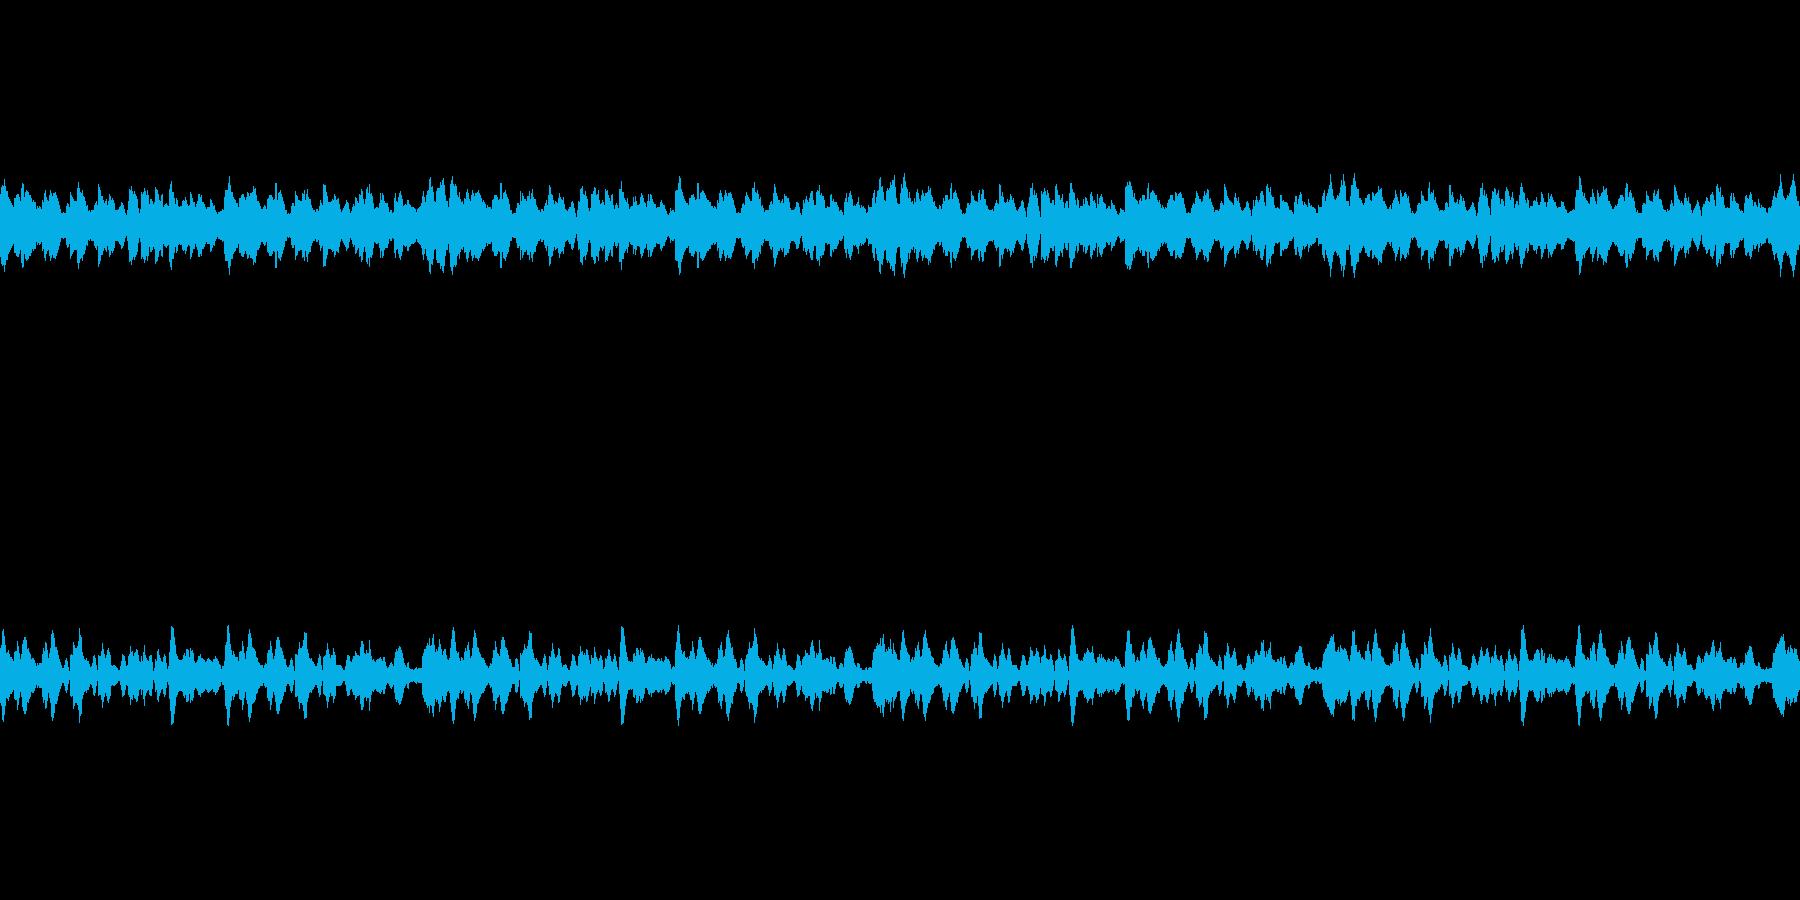 睡眠に合う雰囲気のBGMの再生済みの波形